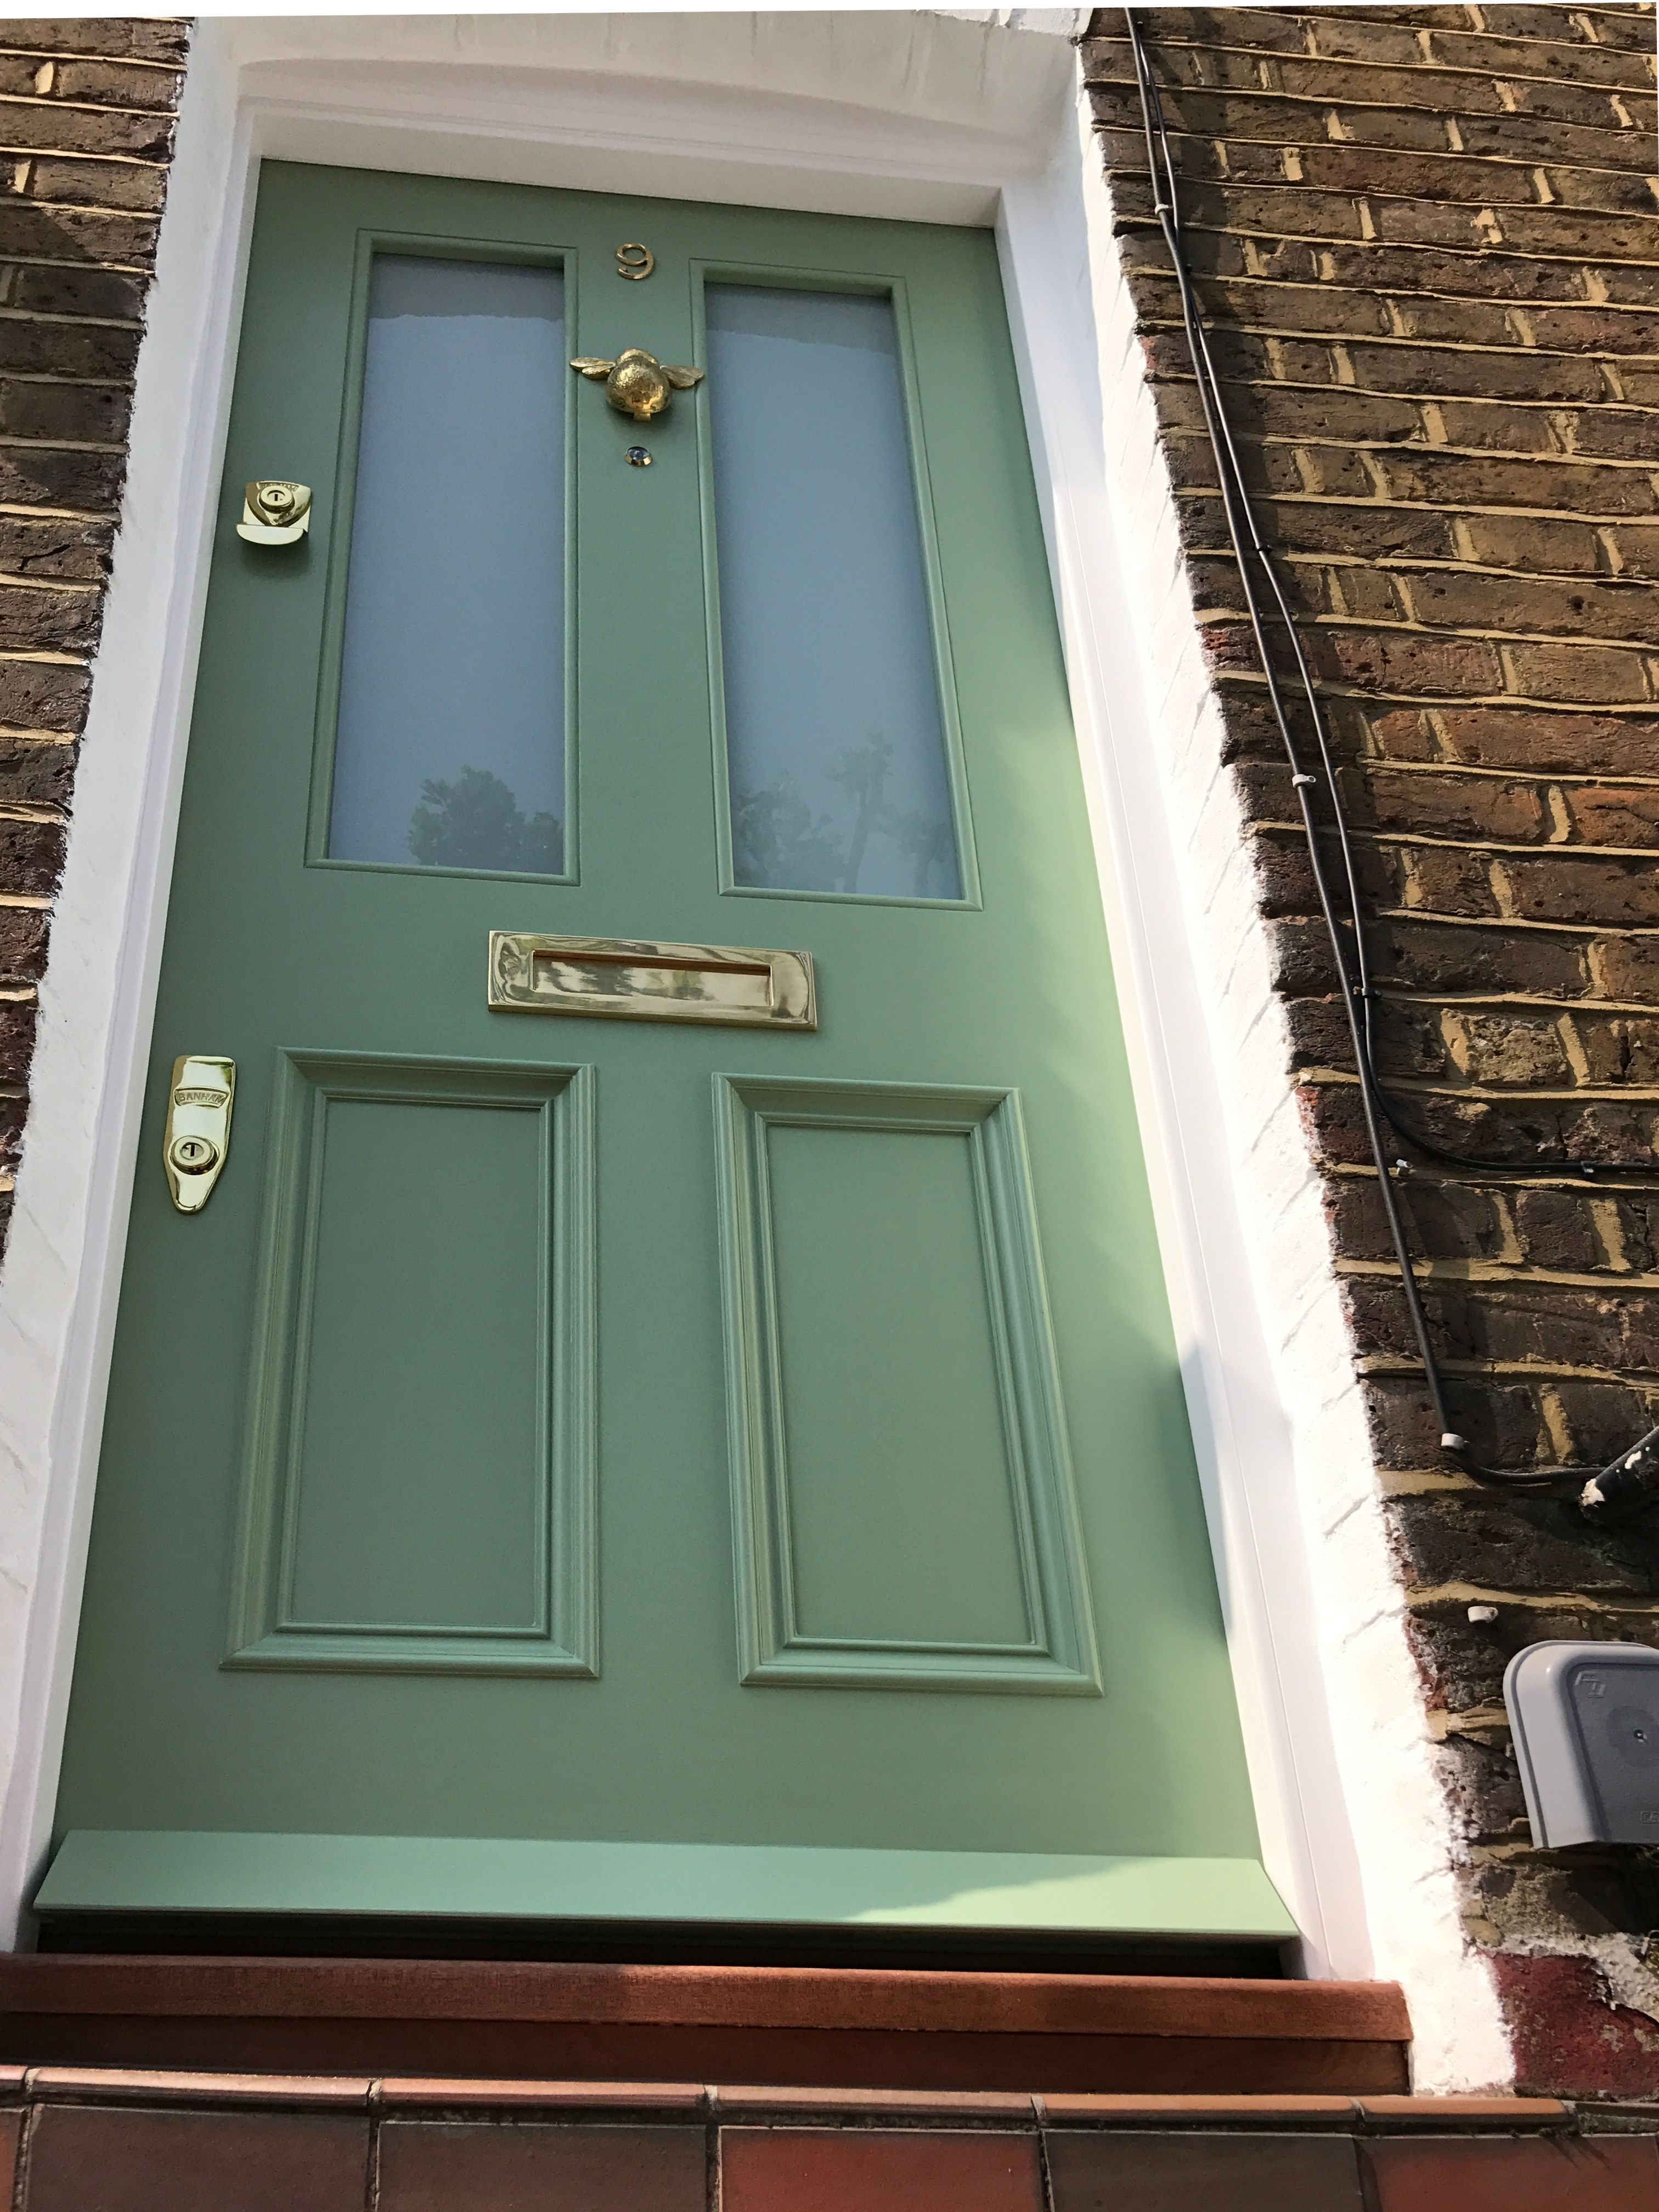 Pale Green Victorian front door in London #victorianfrontdoors Pale Green Victorian front door in London #victorianfrontdoors Pale Green Victorian front door in London #victorianfrontdoors Pale Green Victorian front door in London #victorianfrontdoors